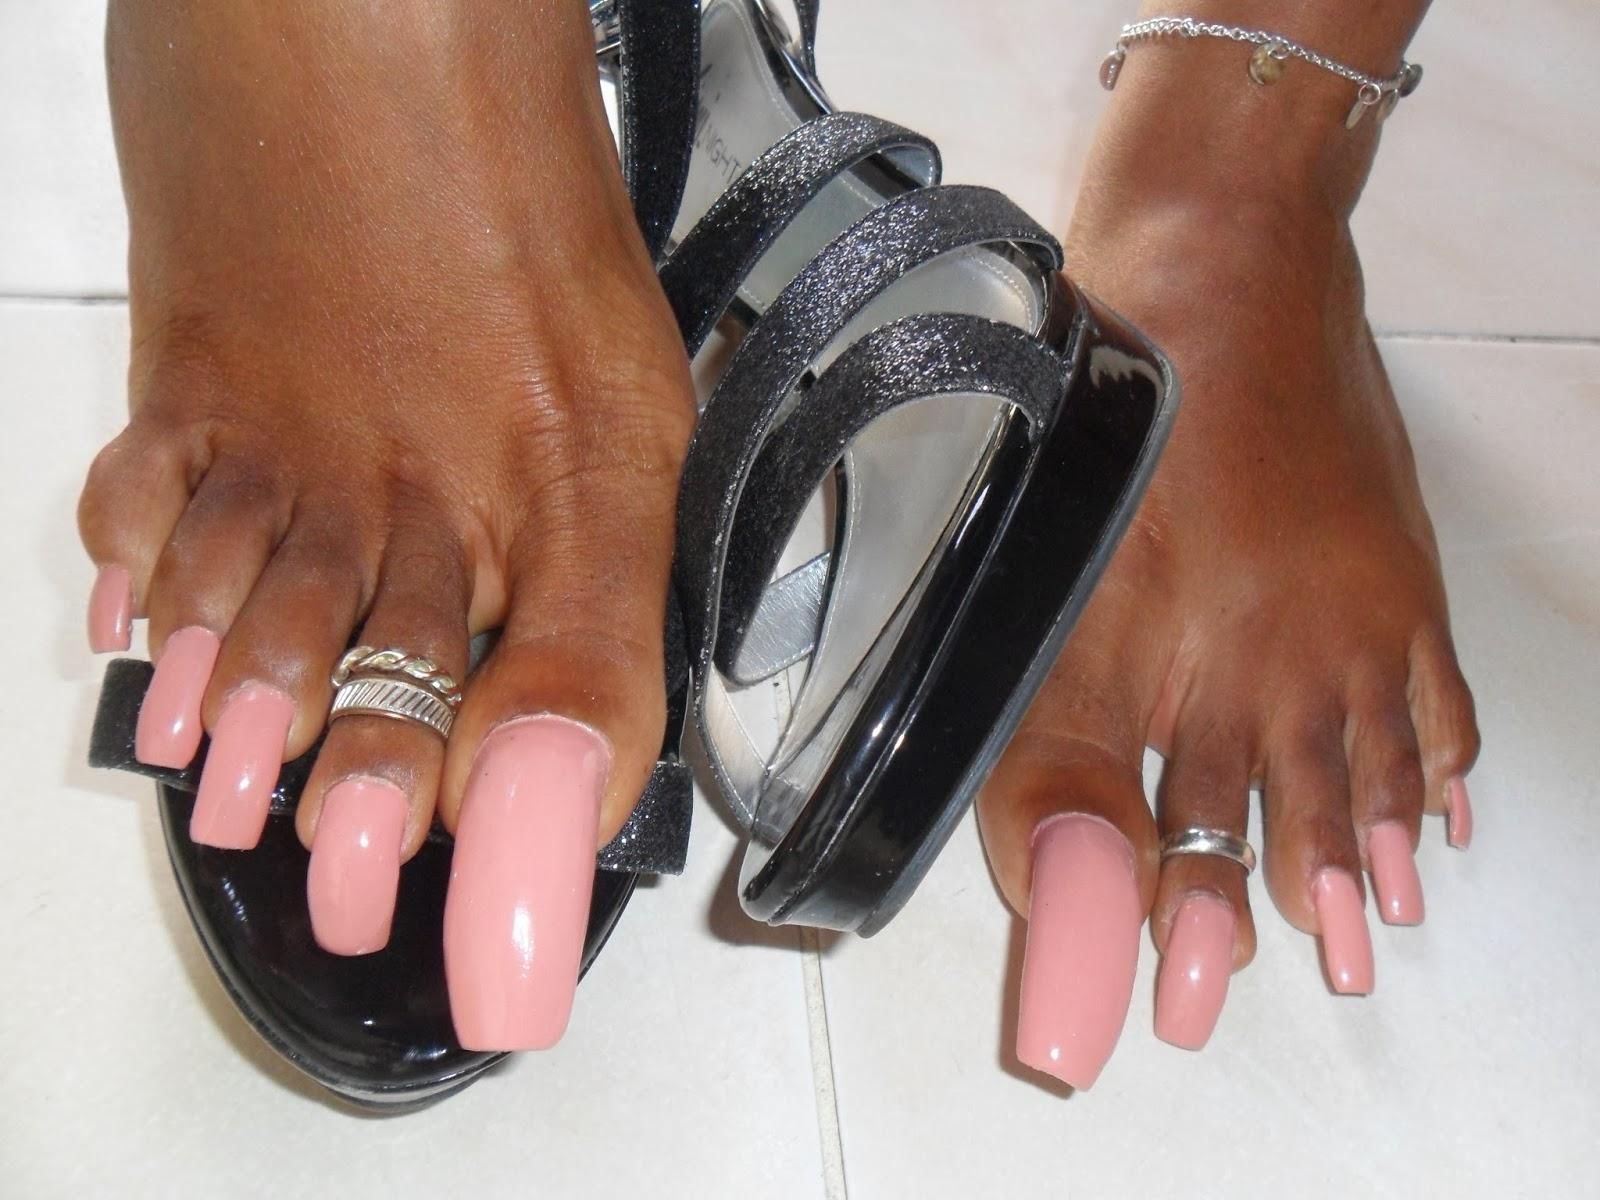 Длинные ногти на ногах - мода этого лета